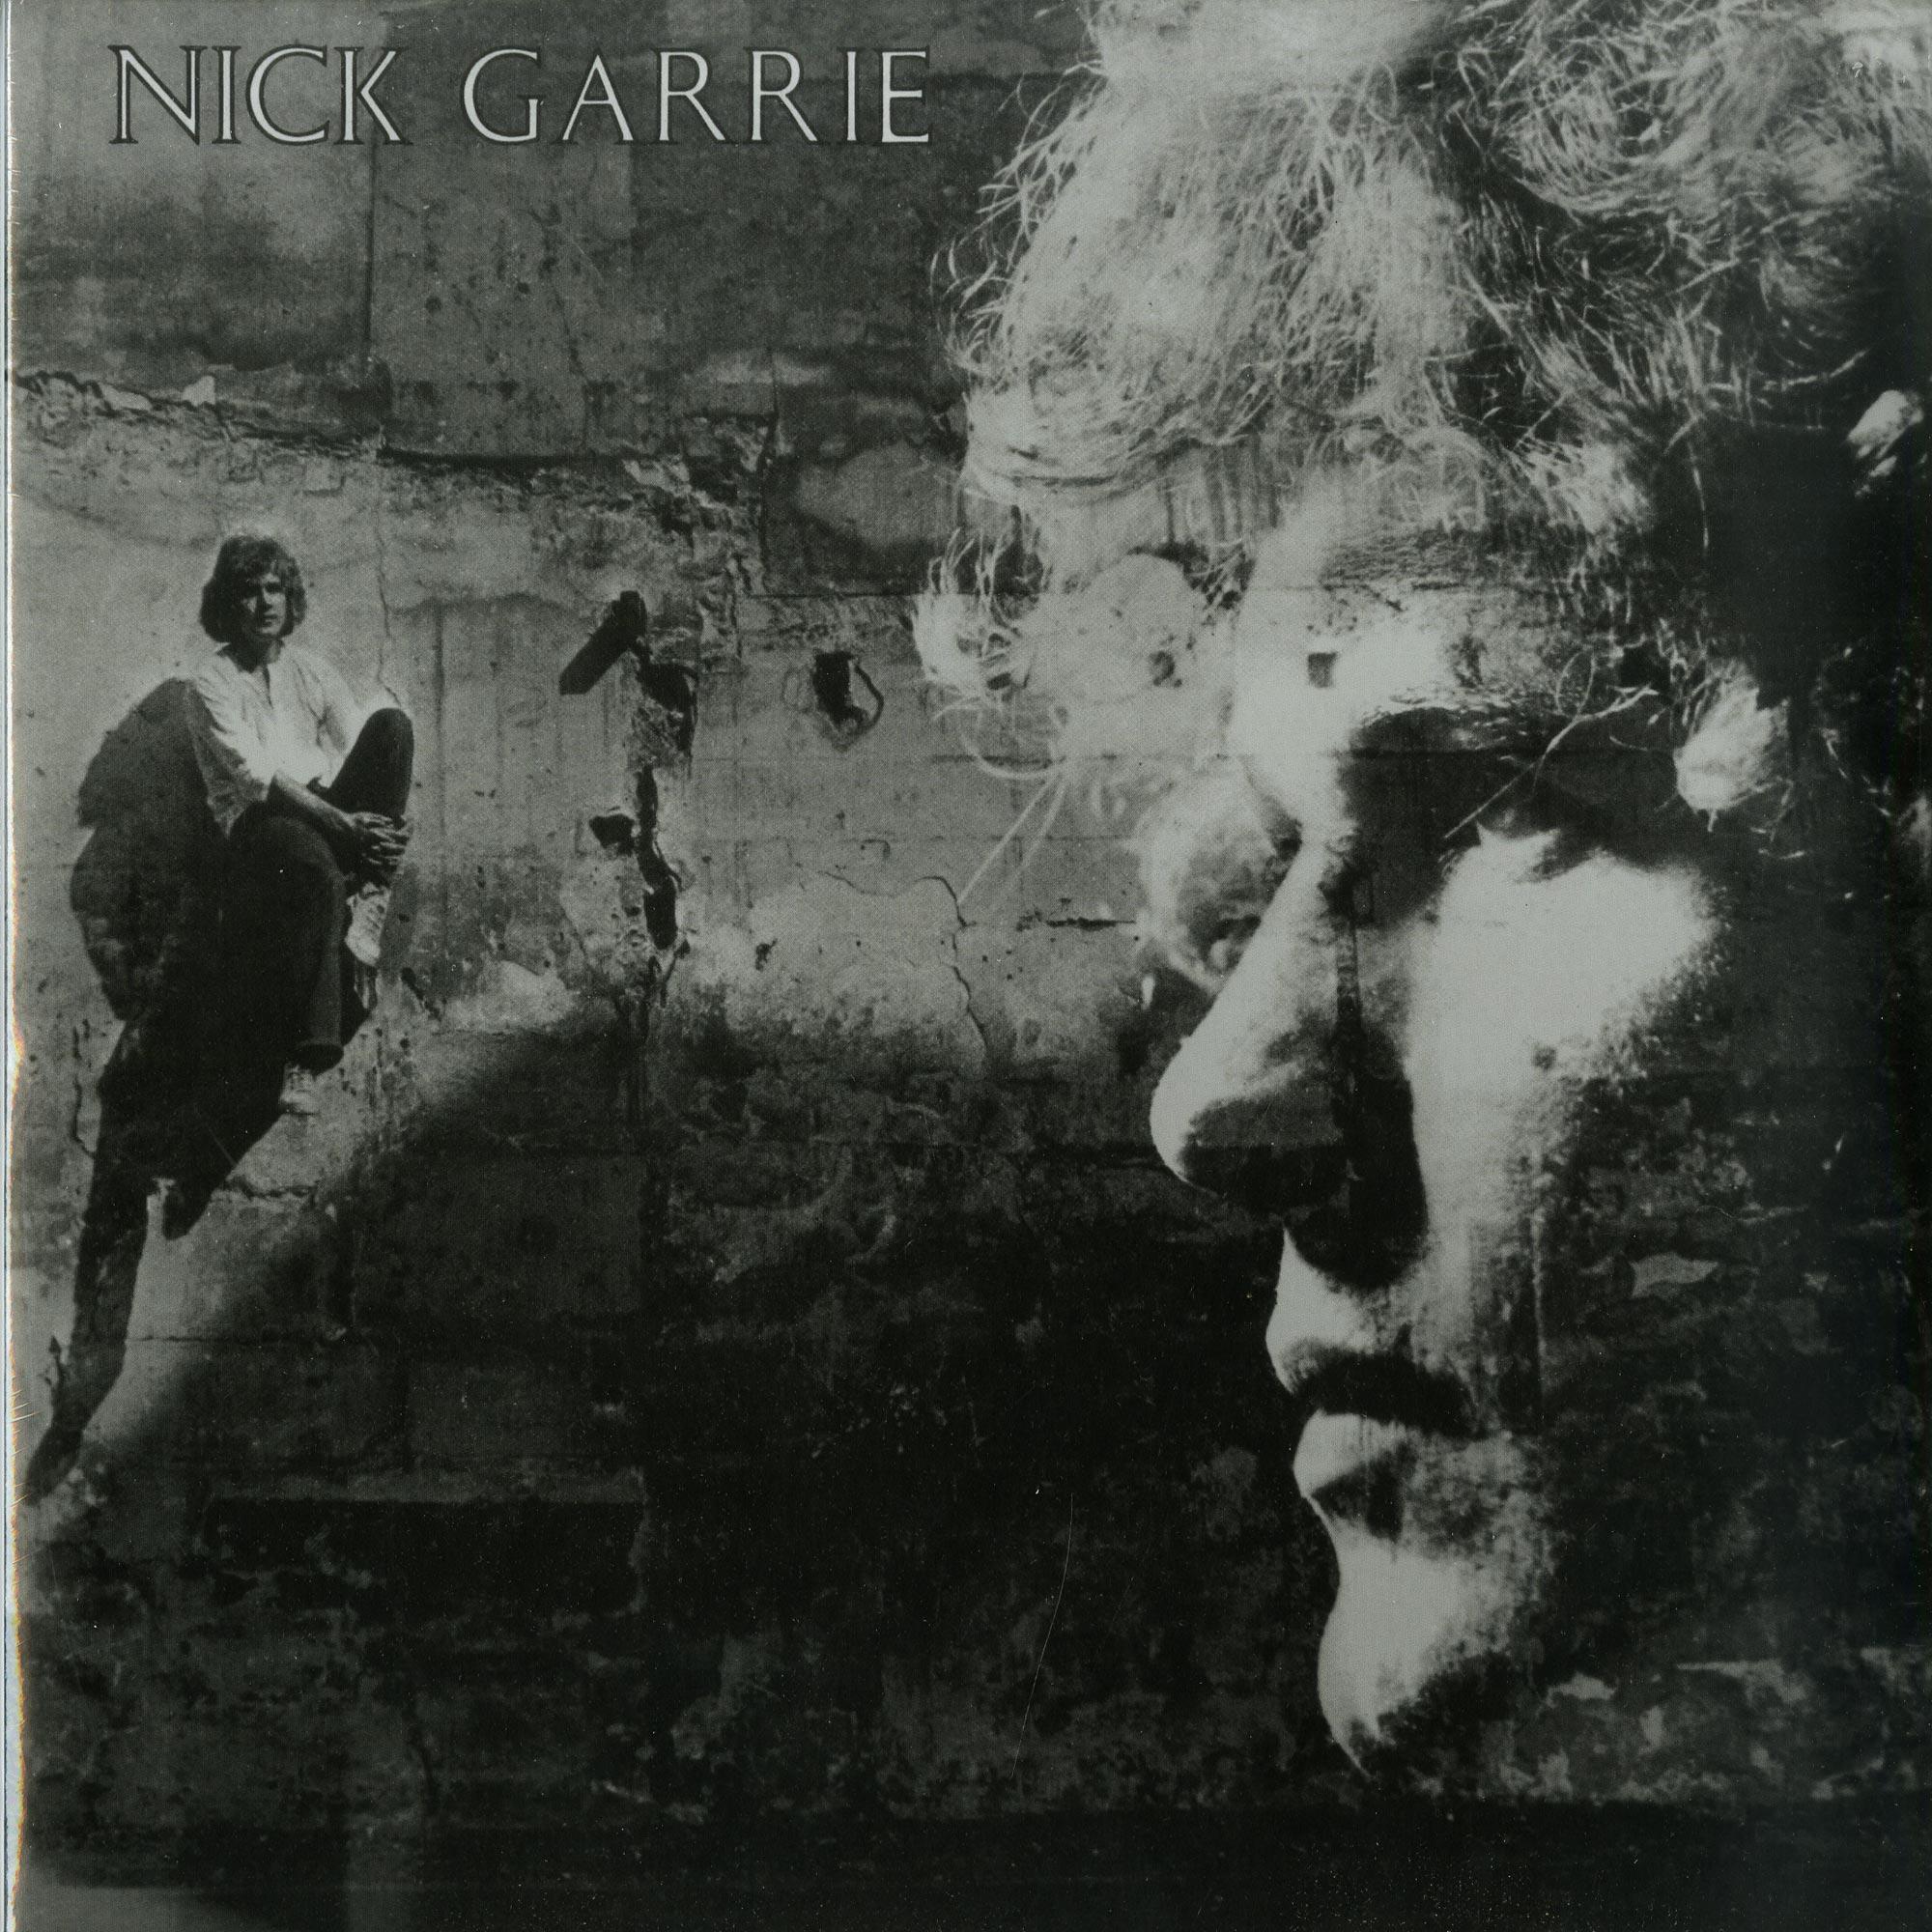 Nick Garrie - THE NIGHTMARE OF J.B. STANISLAS